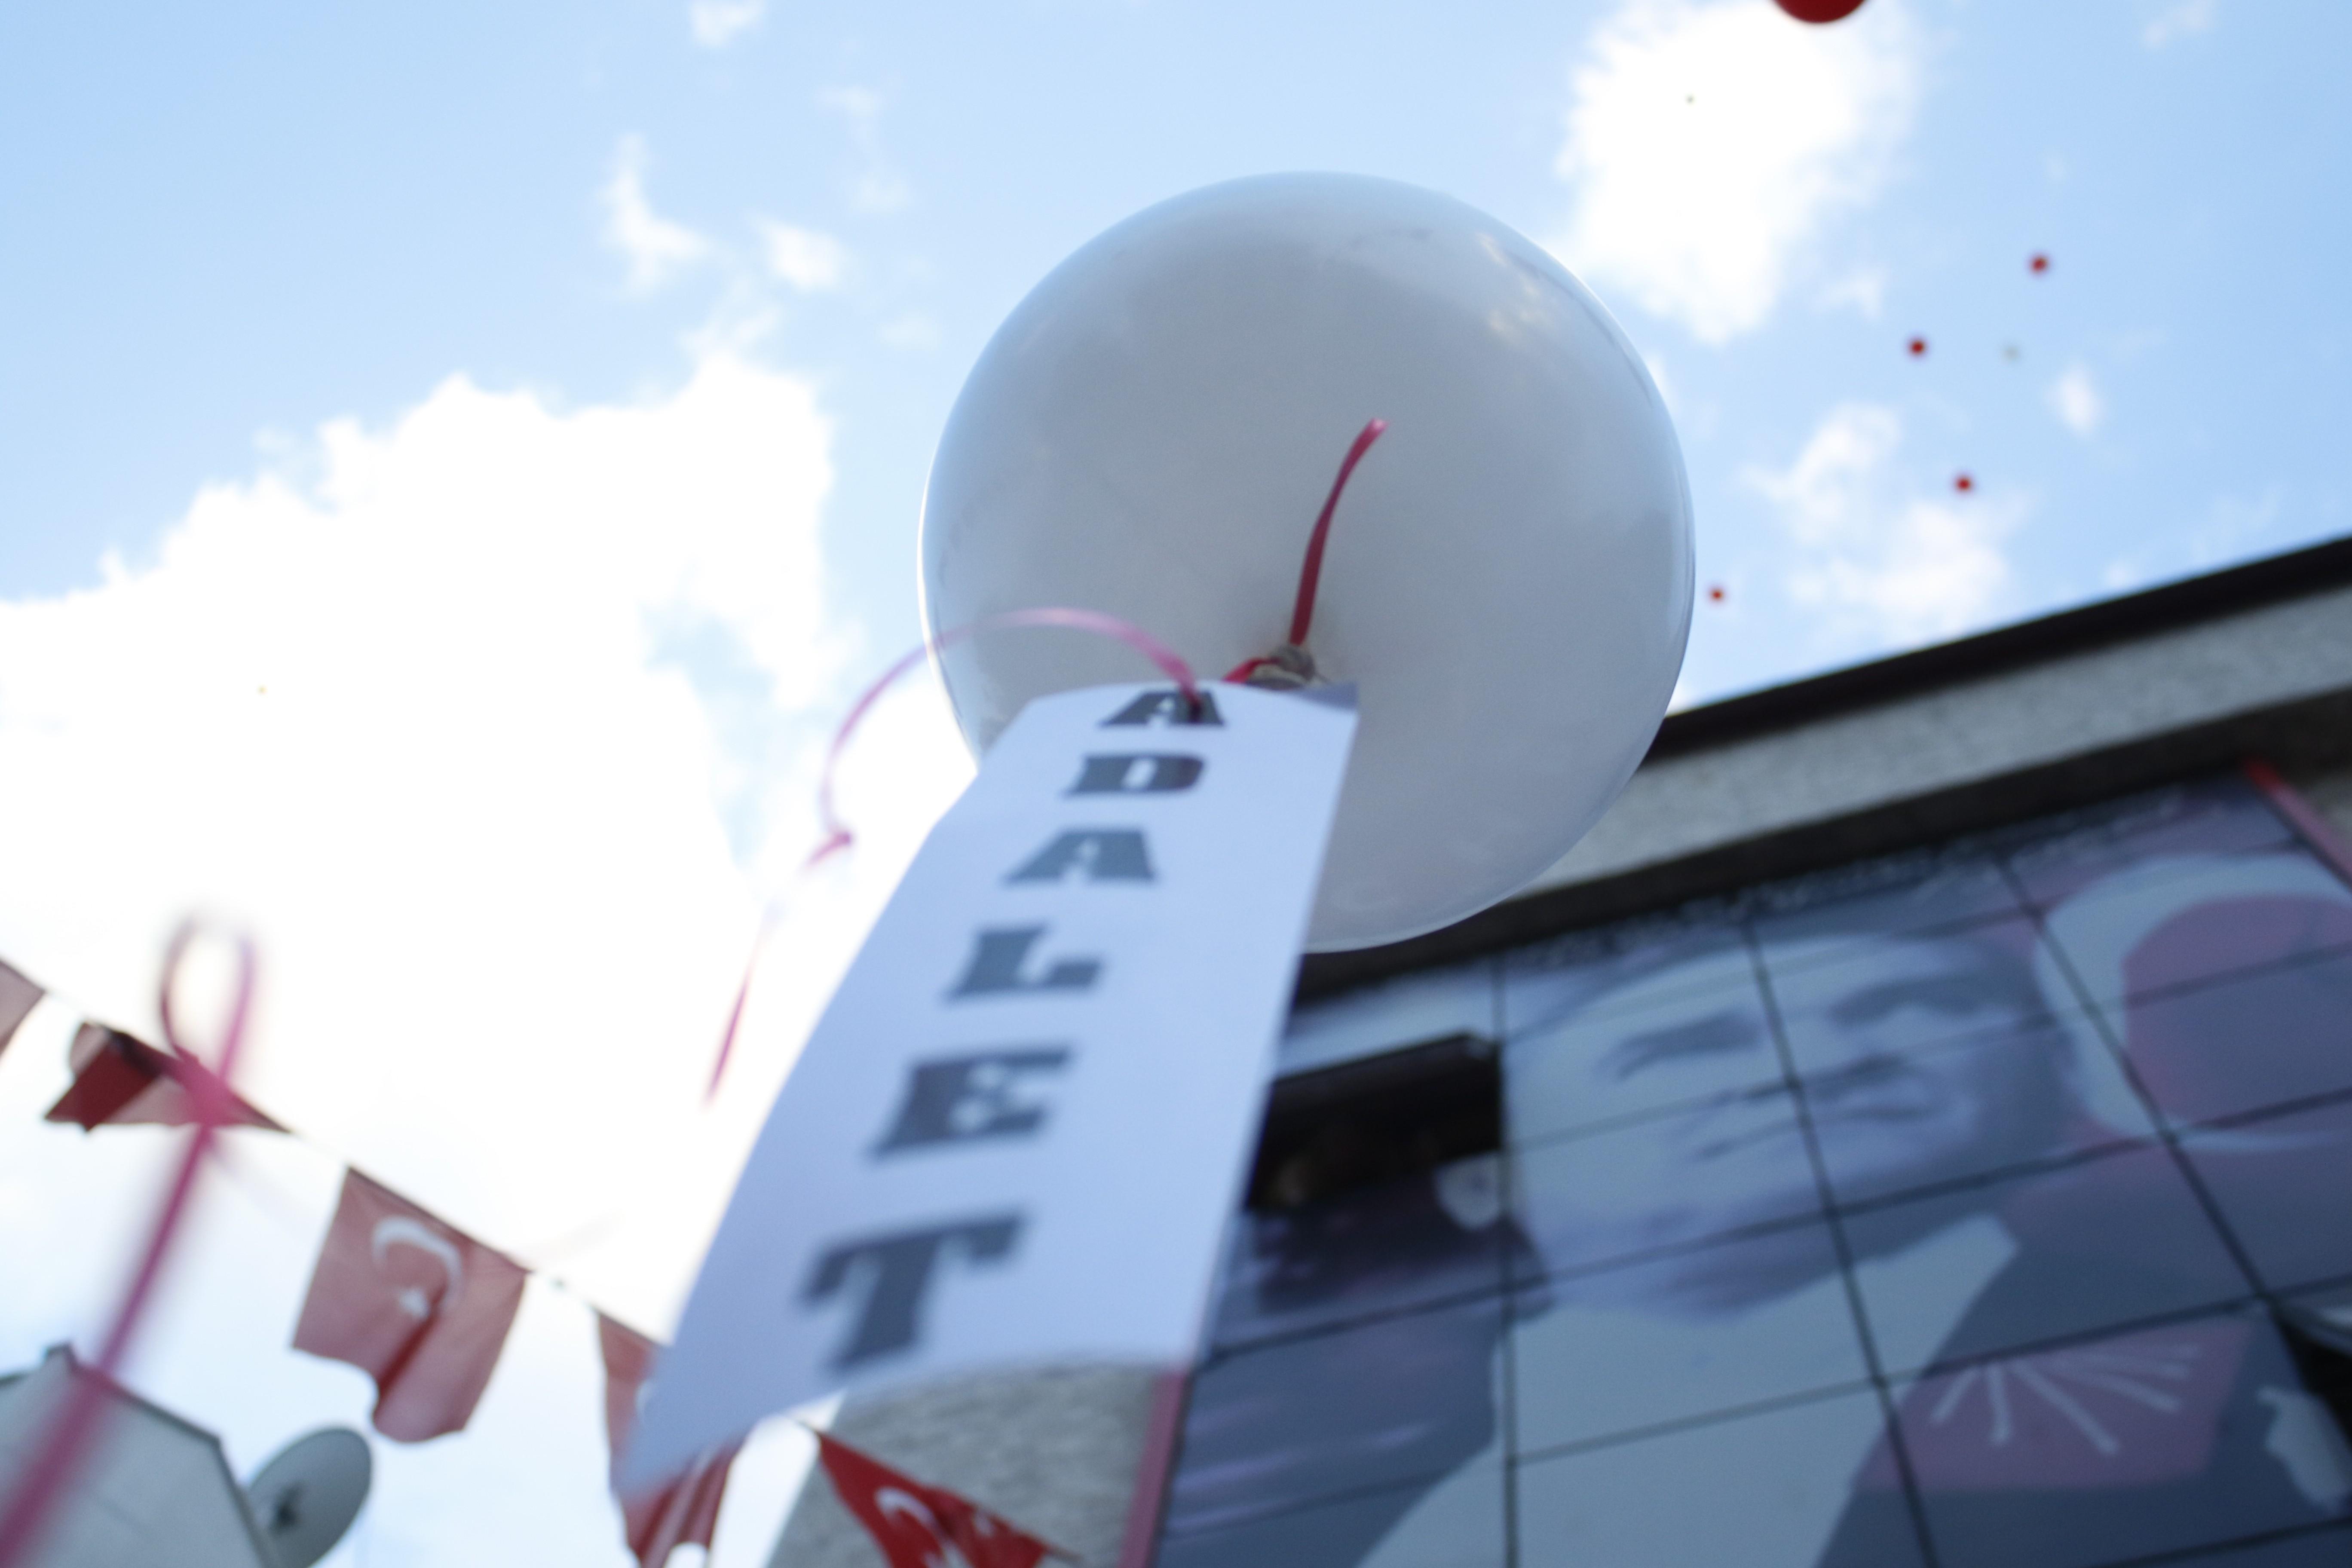 Antalya'da CHP'liler adalet için balon bıraktı